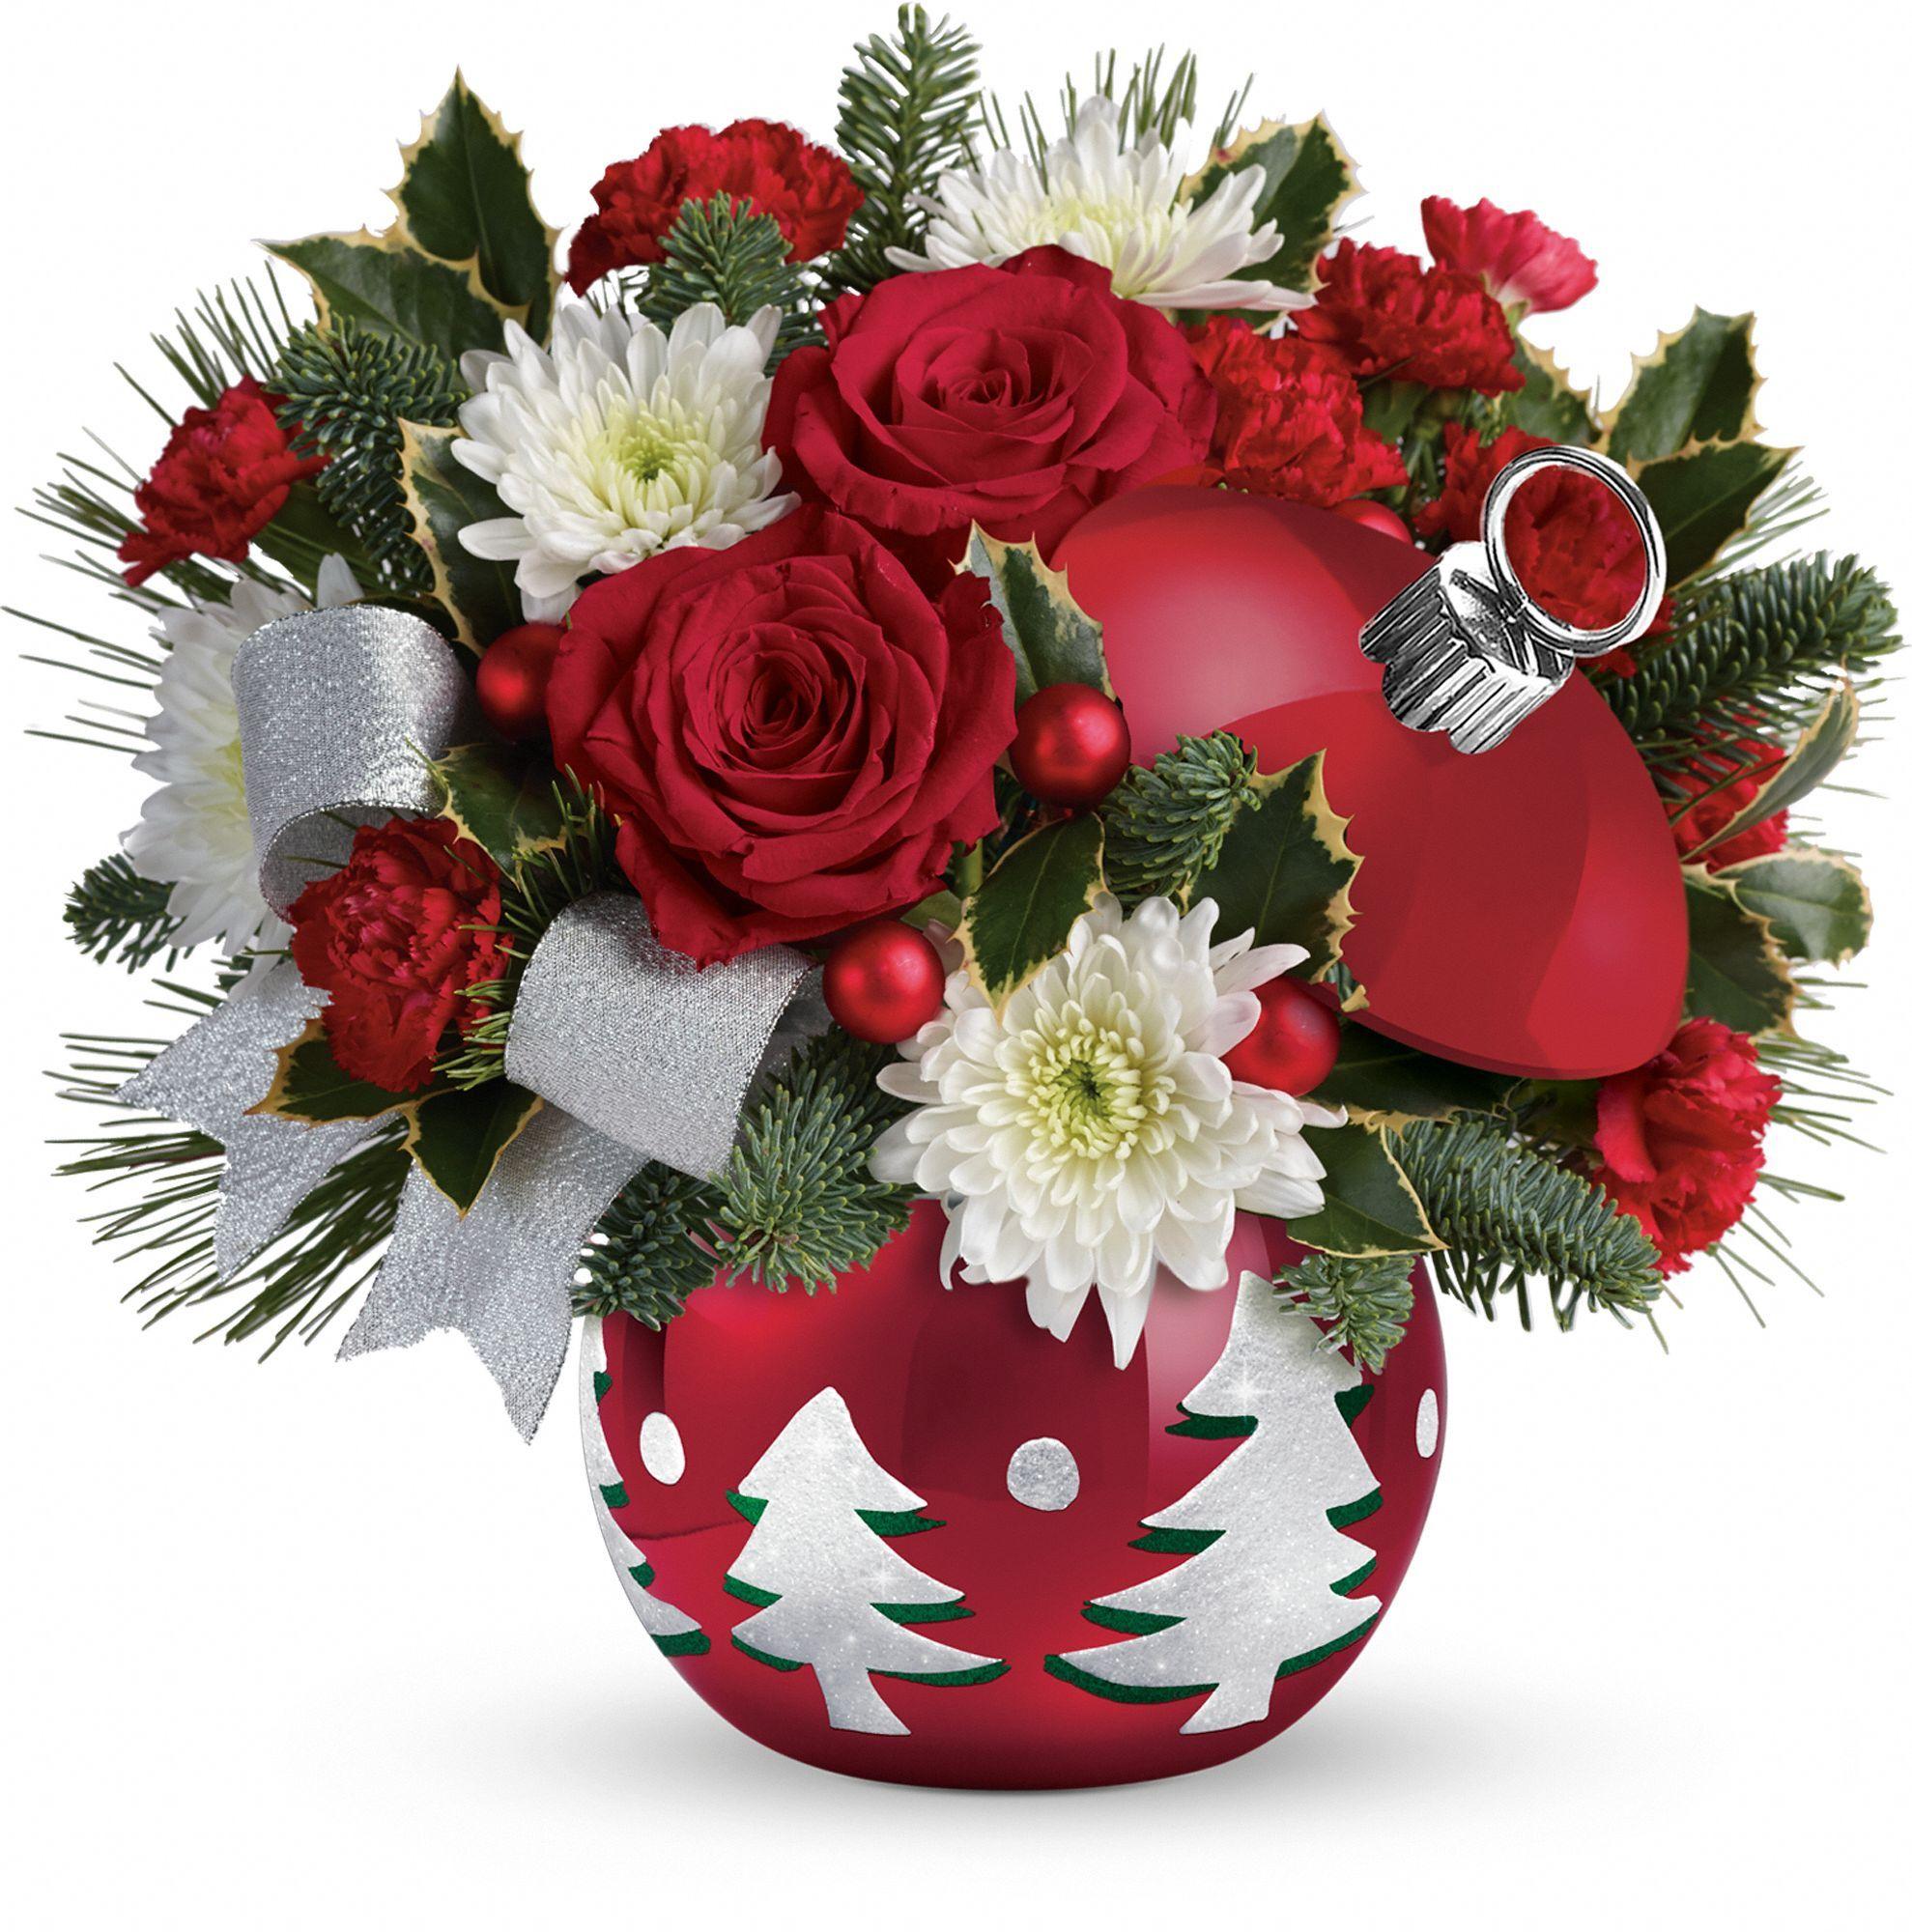 Christmas festive basket in 2020 Christmas flower